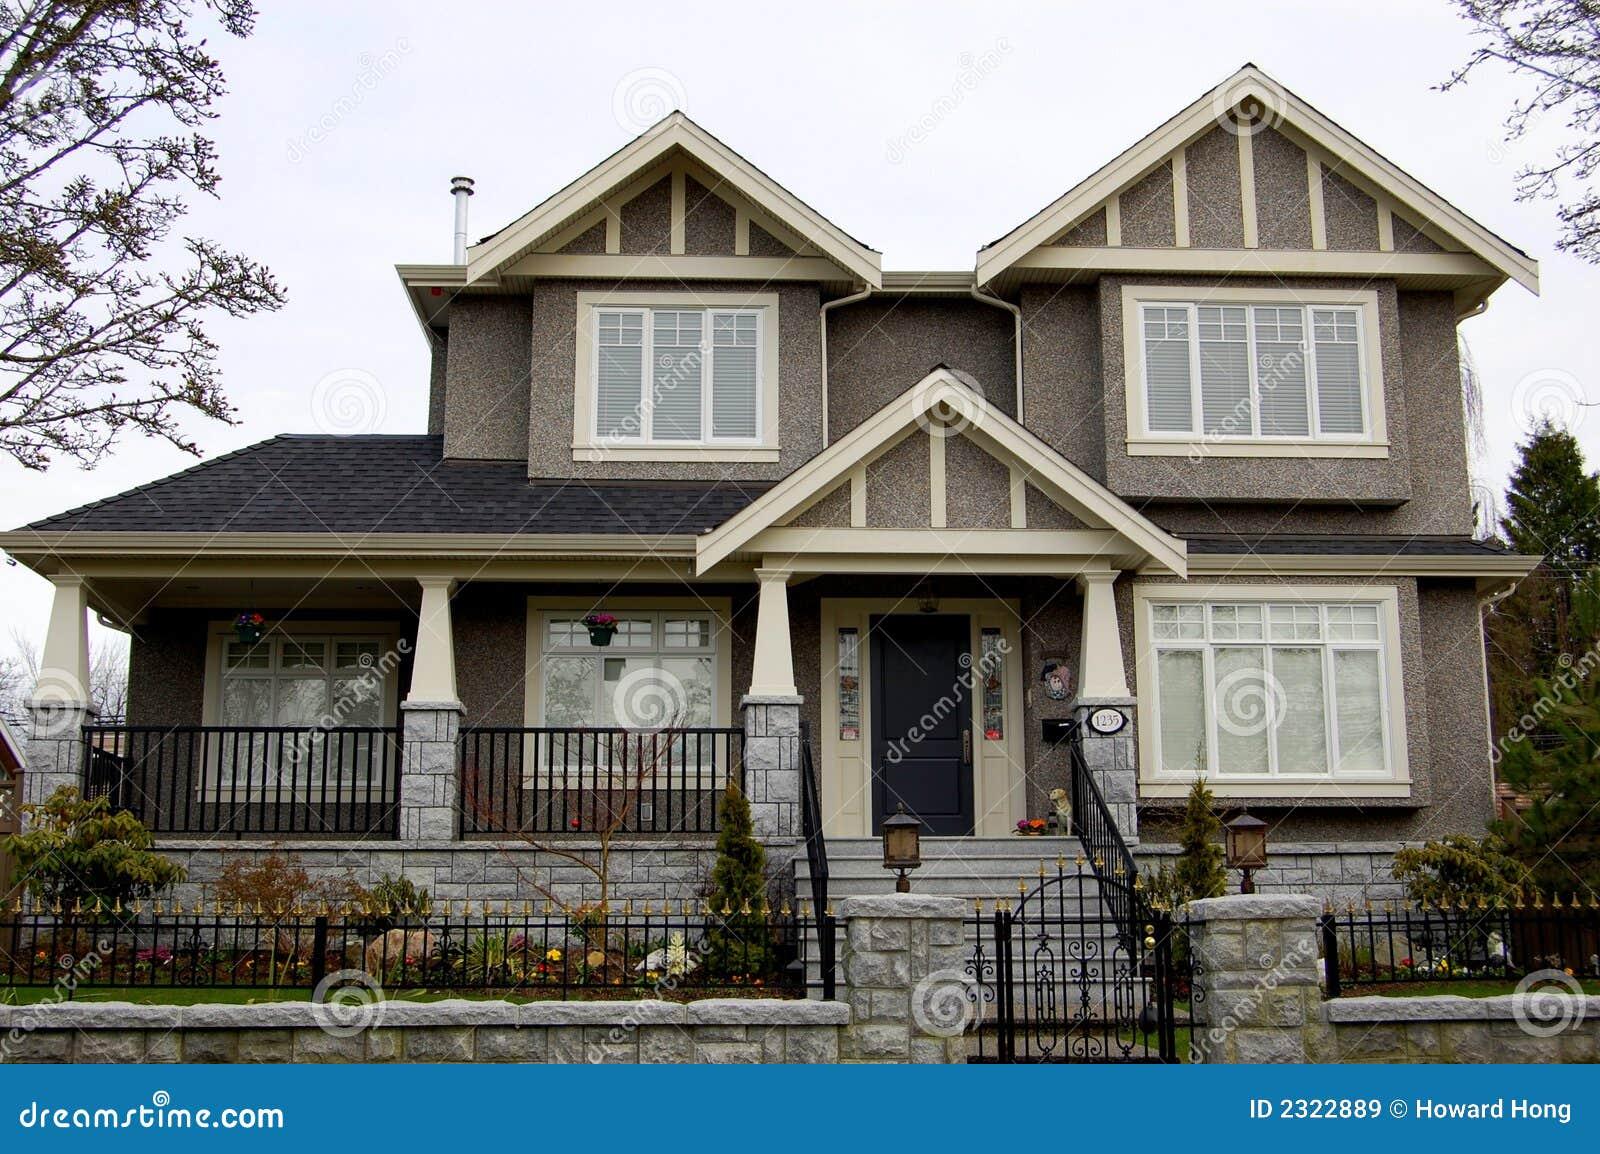 Fence house luxury